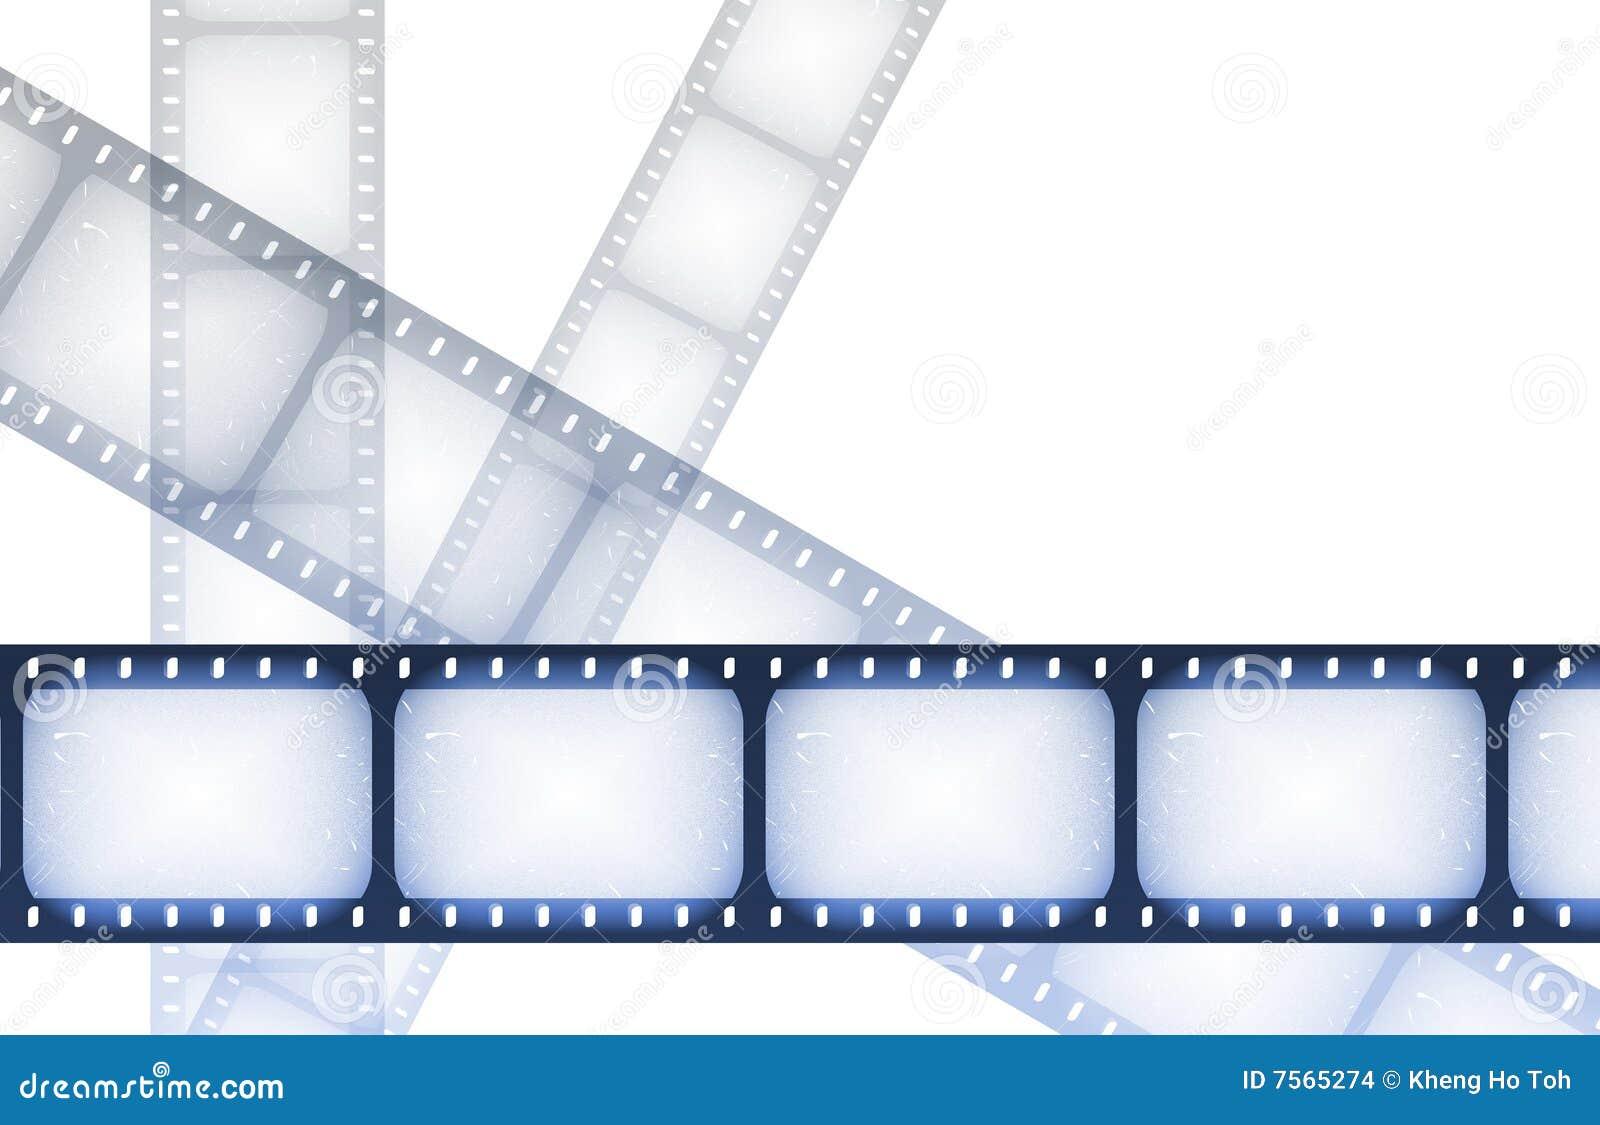 De Gids van de Film van het Kanaal van TV